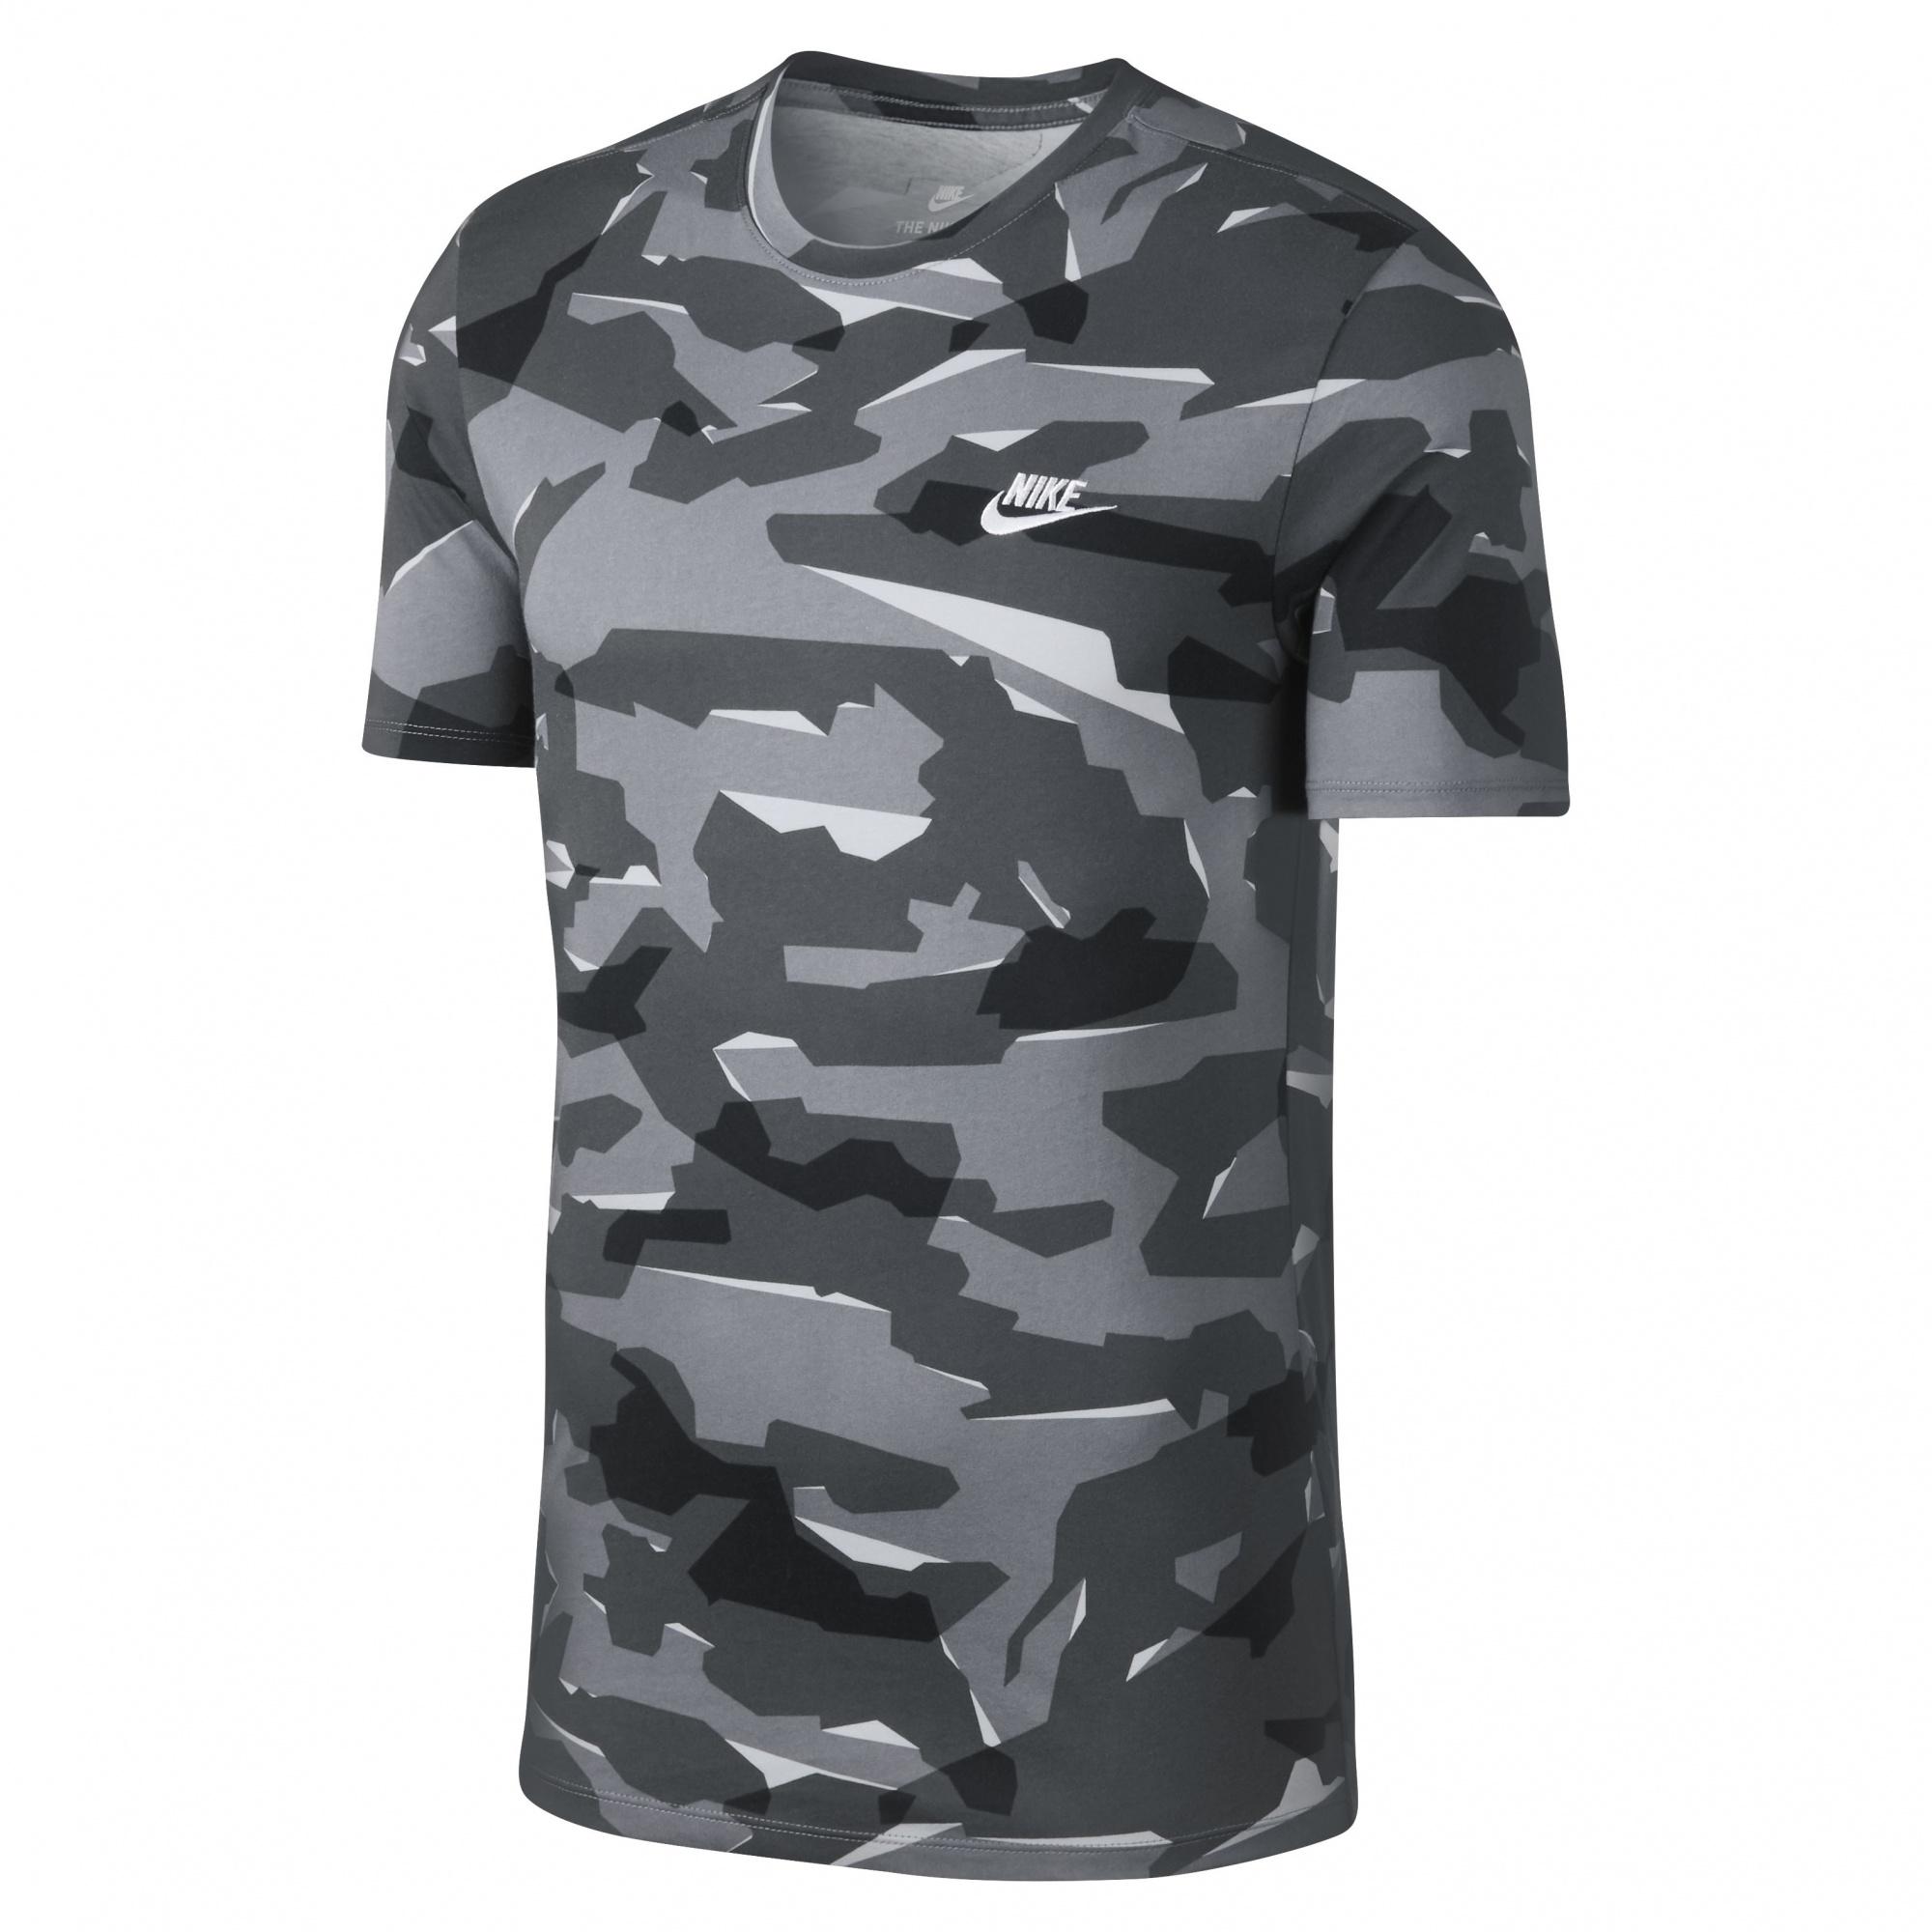 f68b1de2c180 Nike Tričko Sportswear AJ6631012 - Glami.cz